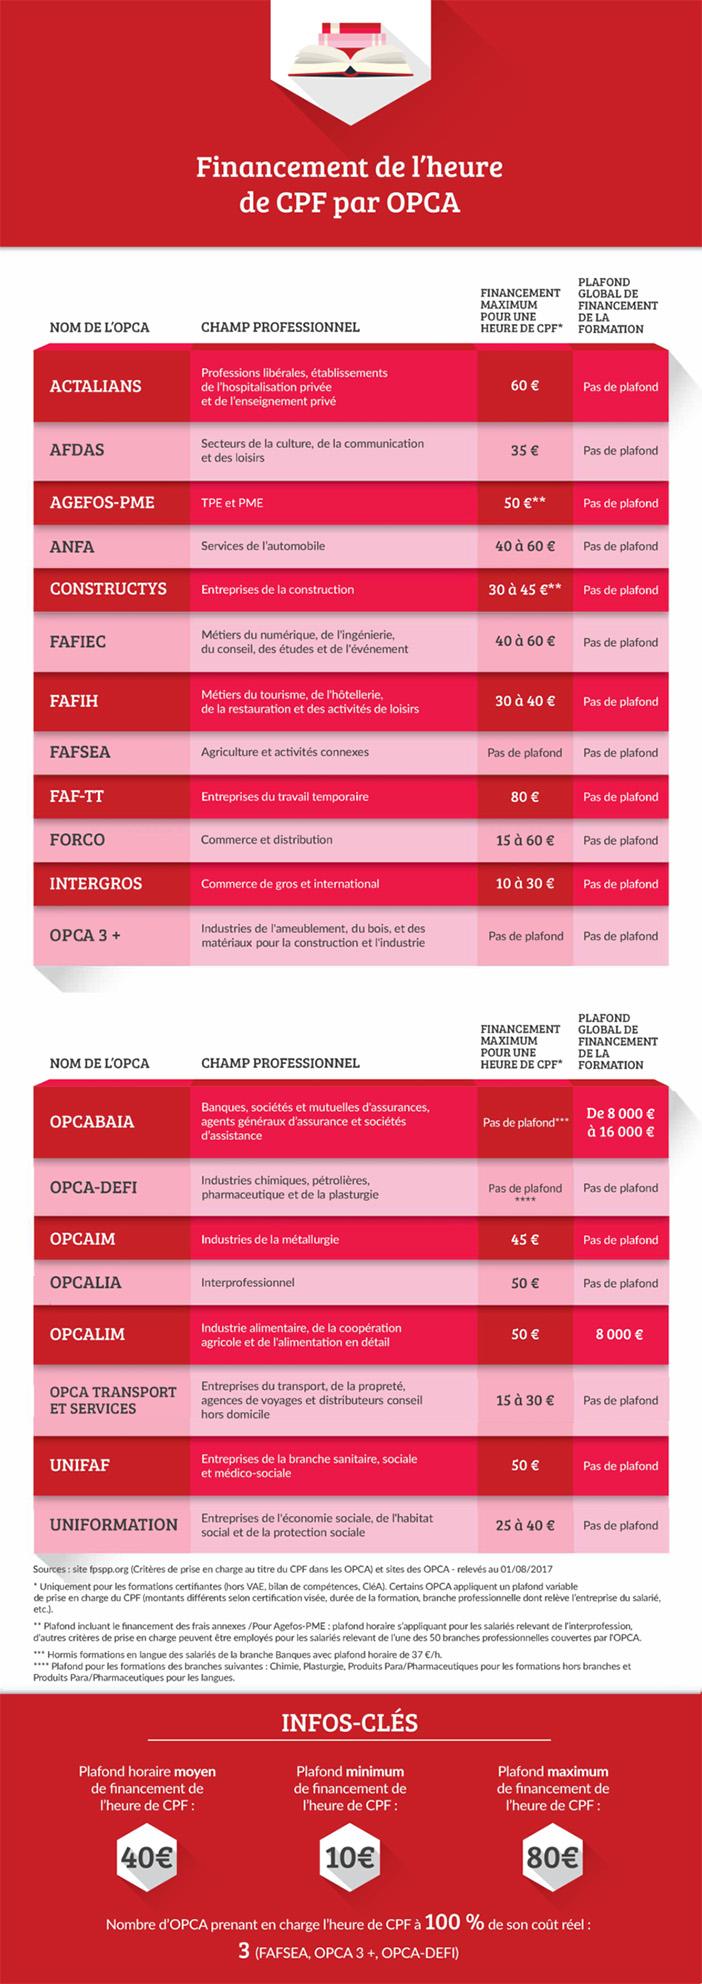 Infographie de CursusPro sur les Opca - article RHEXIS